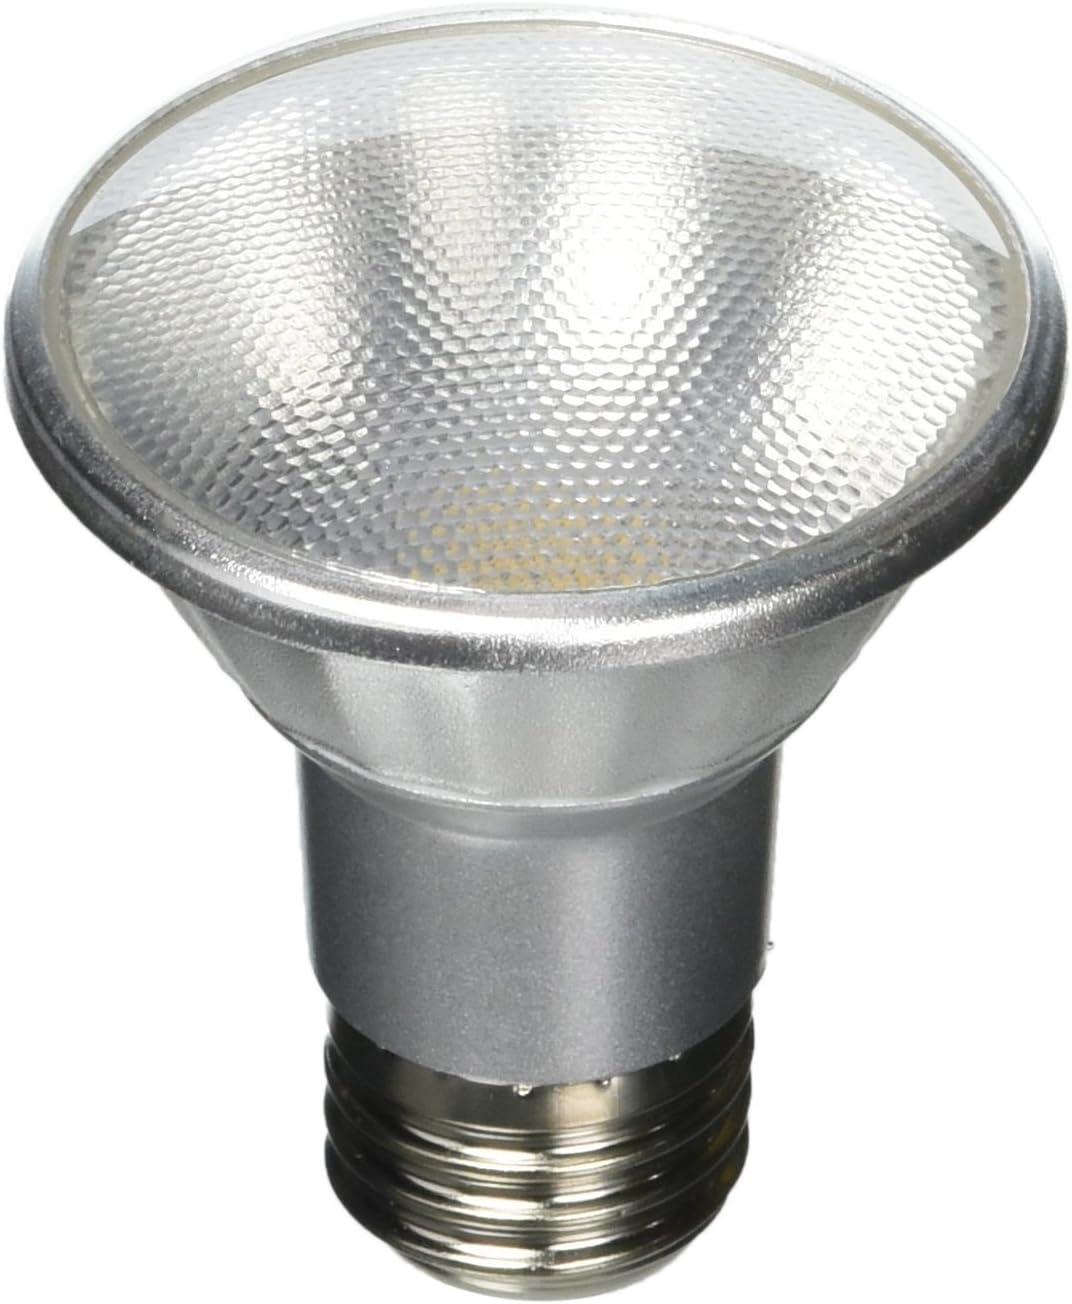 E26 Wet Rated Flood Light Bulb 50 Watt Equivalent 4000K 1-Pack Bulbrite LED Plus PAR20 Dimmable Medium Screw Base